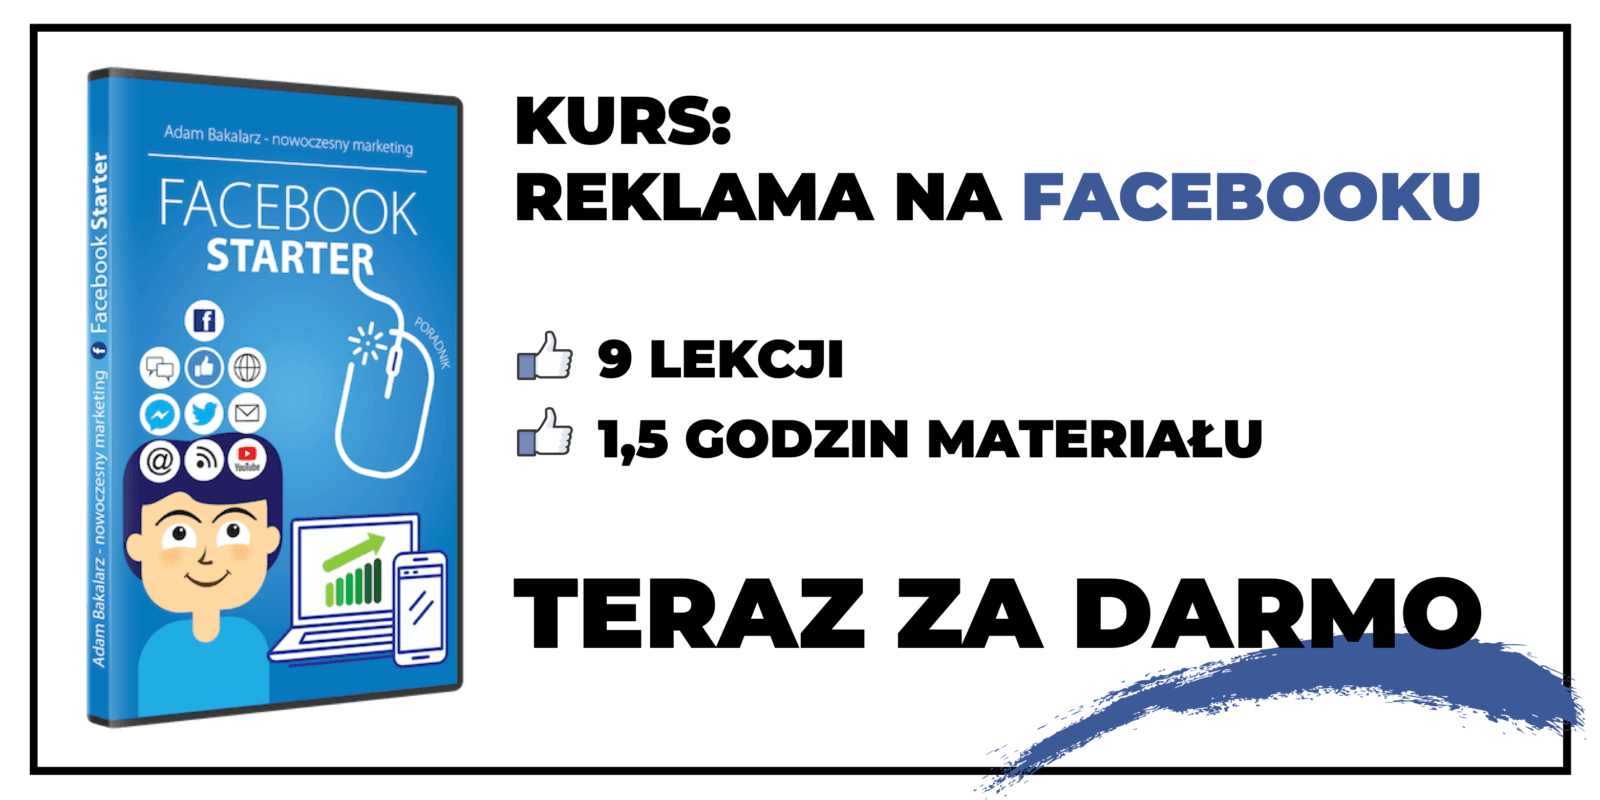 Kurs reklama na facebooku - Facebook Starter